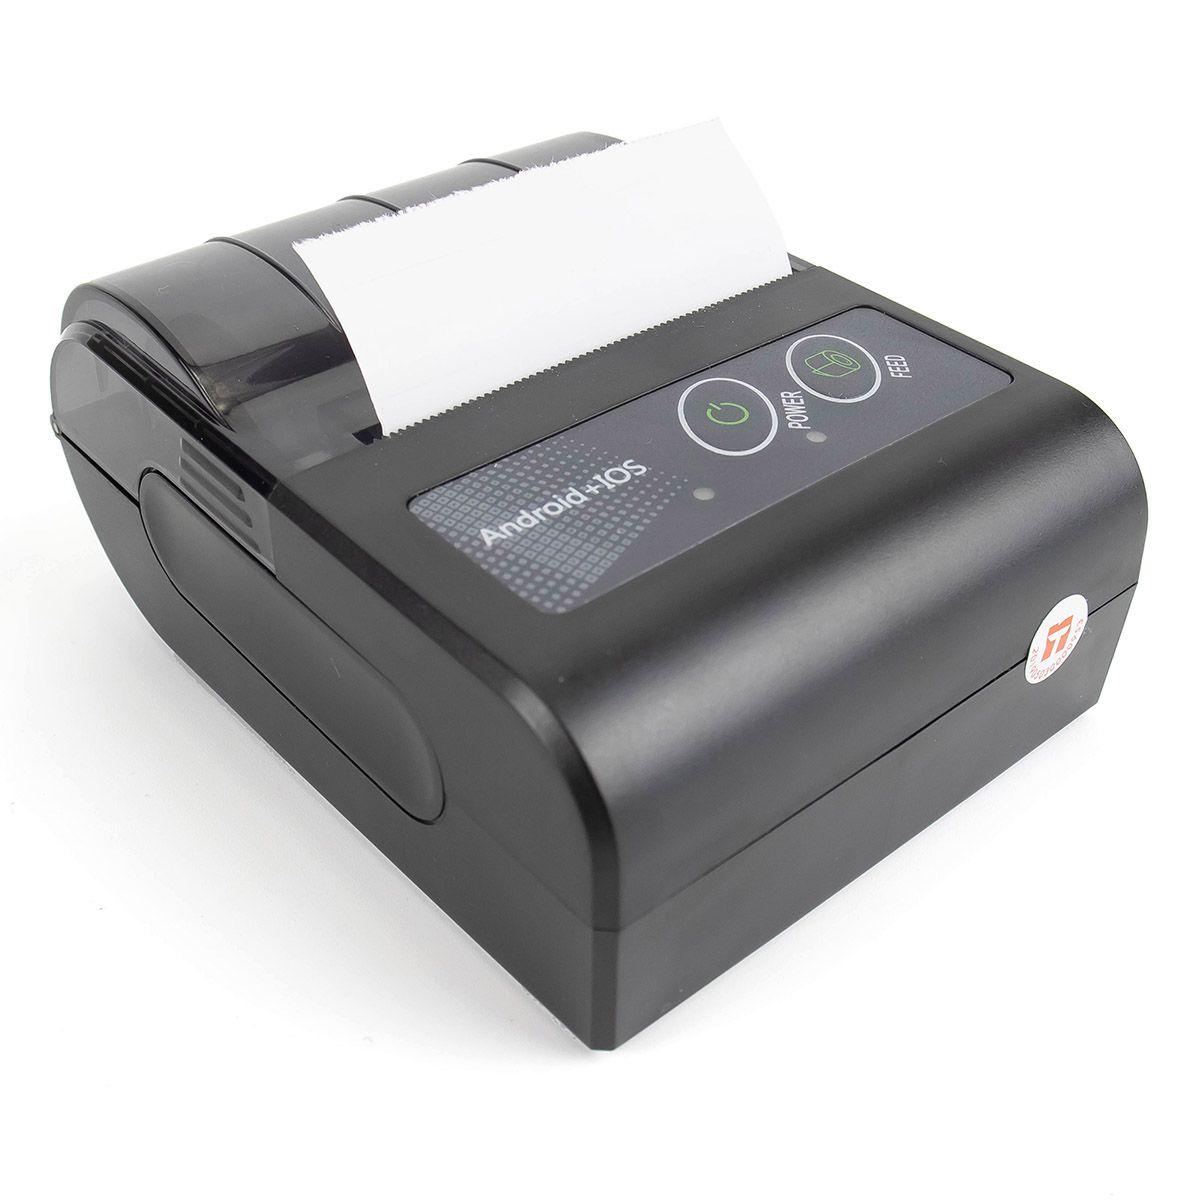 Mini Impressora Térmica Bluetooth Portátil 58mm ITE-P58HBT